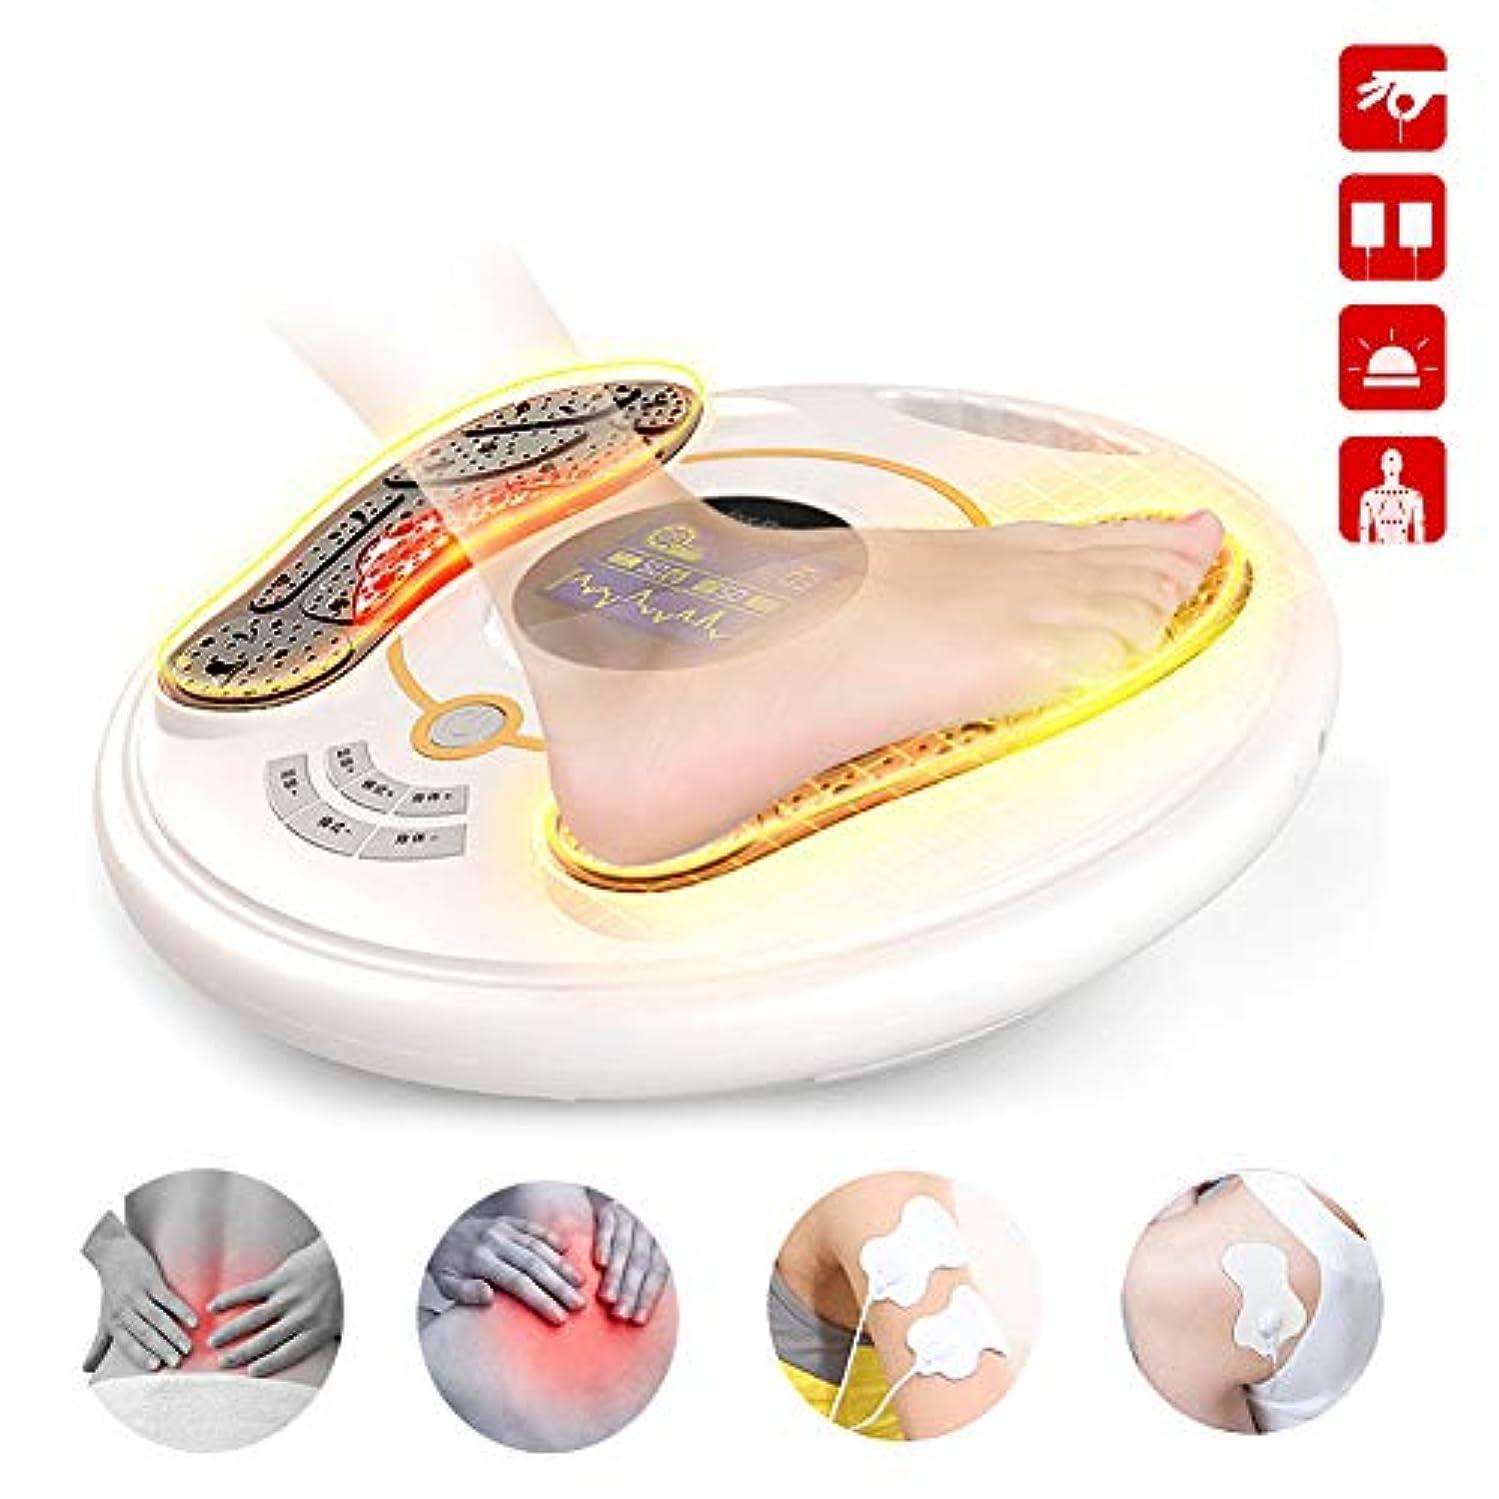 累積増強盗難指圧指圧療法、指圧療法を練るデバイス、鍼治療、足のリフレクソロジー、ホームオフィスの足底の痛みを和らげるための深く練る